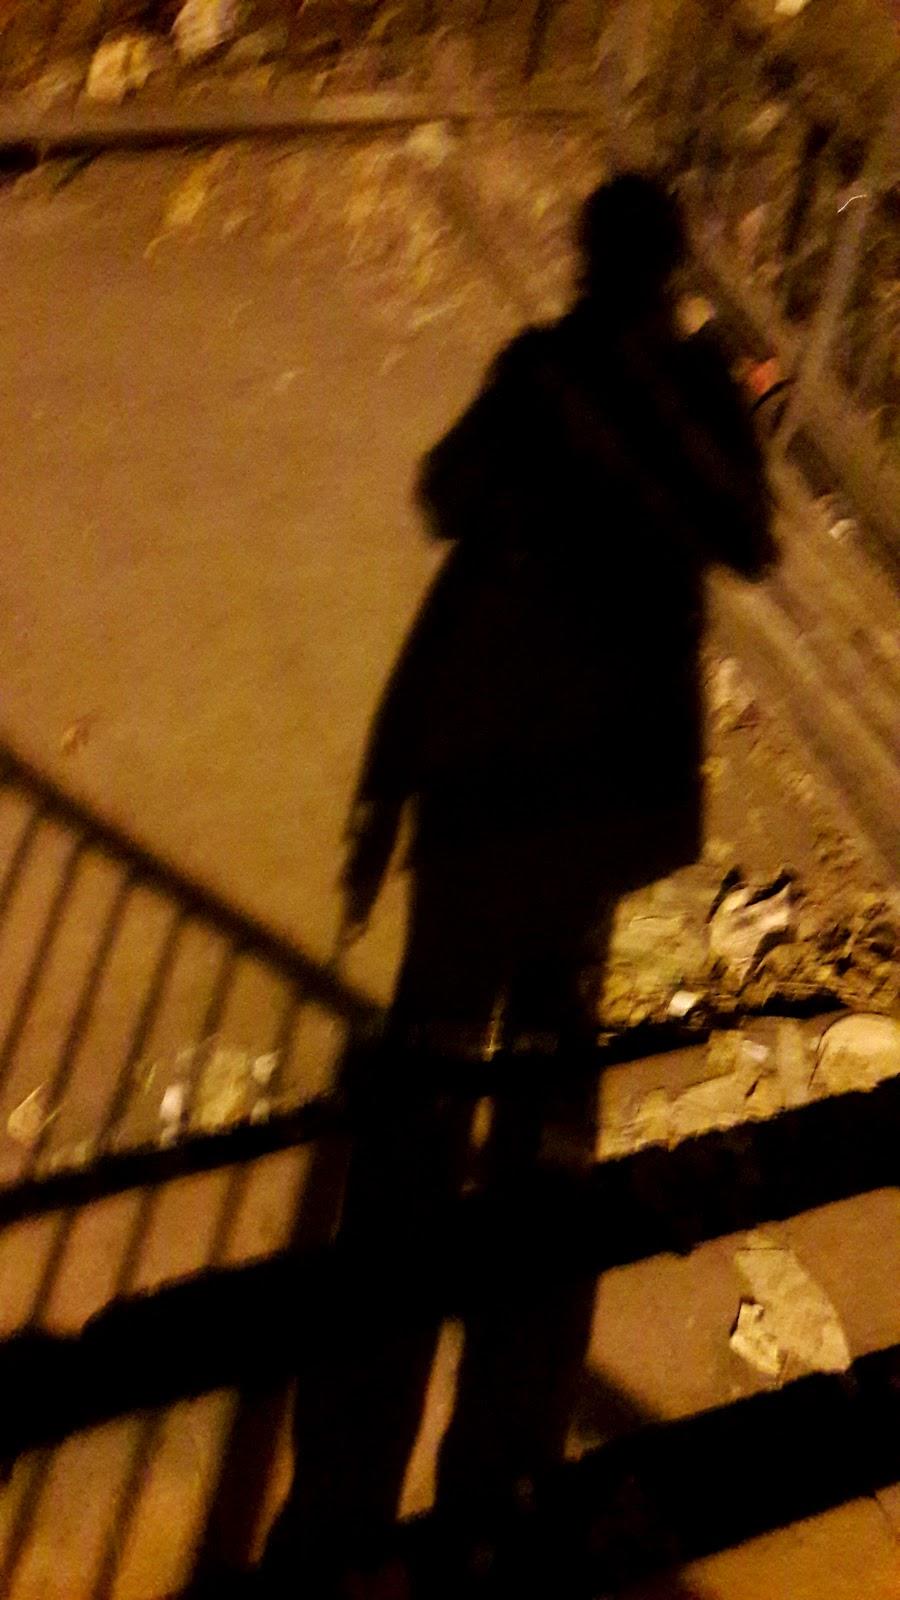 Sameera Mumbai loiter .jpg